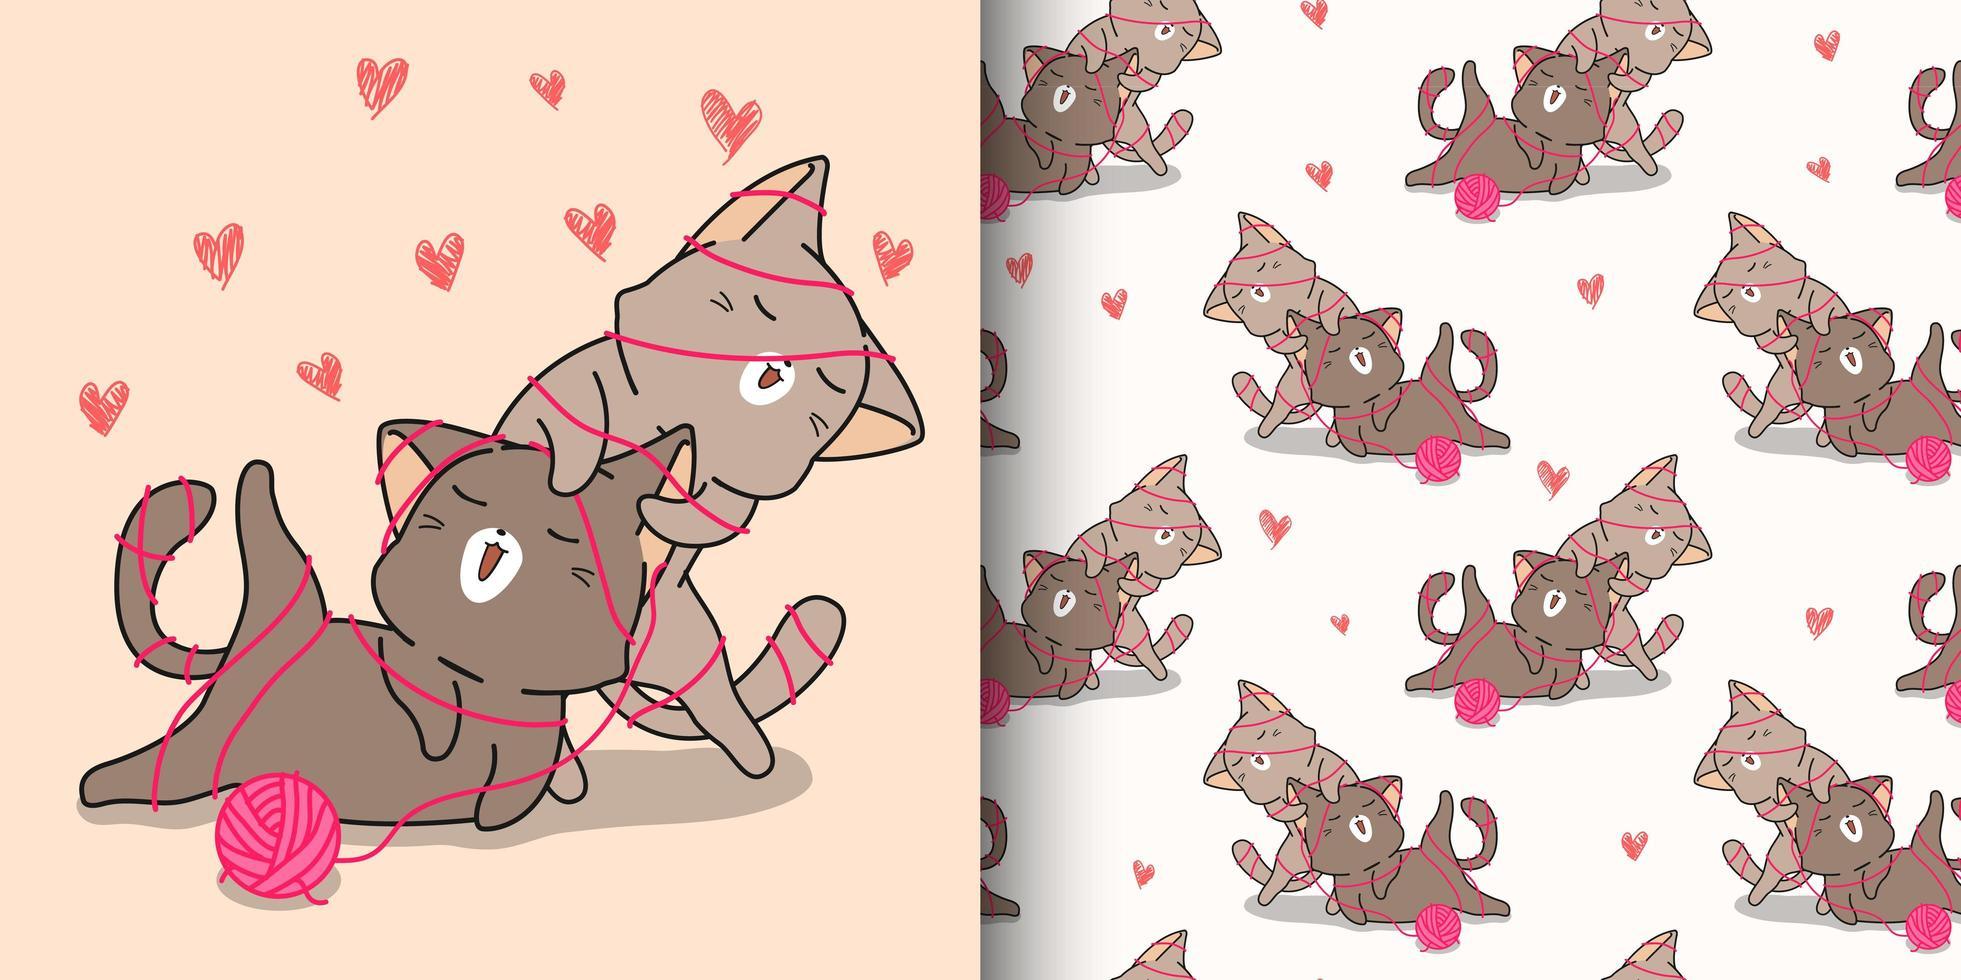 gatti kawaii senza cuciture amorevoli e aggrovigliati nel filato vettore